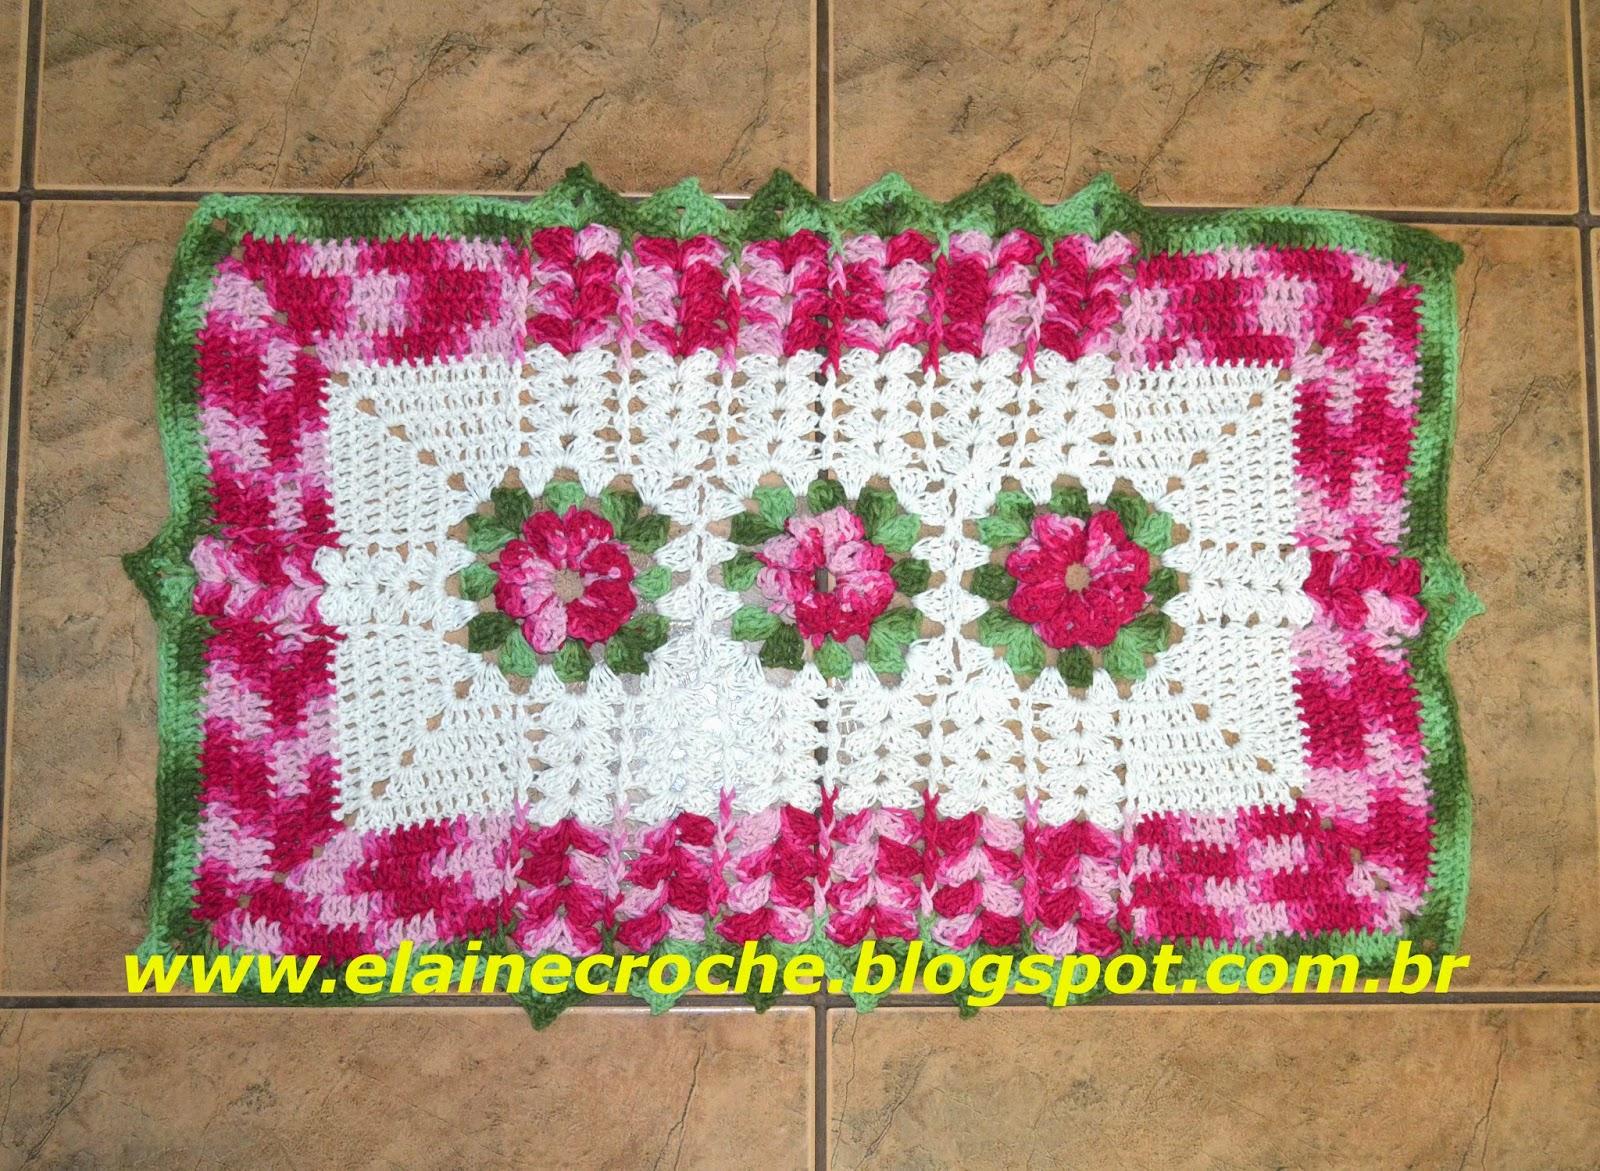 Jogos De Namorar No Quarto Trancado ~ Na aulinha de hoje vamos fazer o Tapete Encanto em Croch? usando